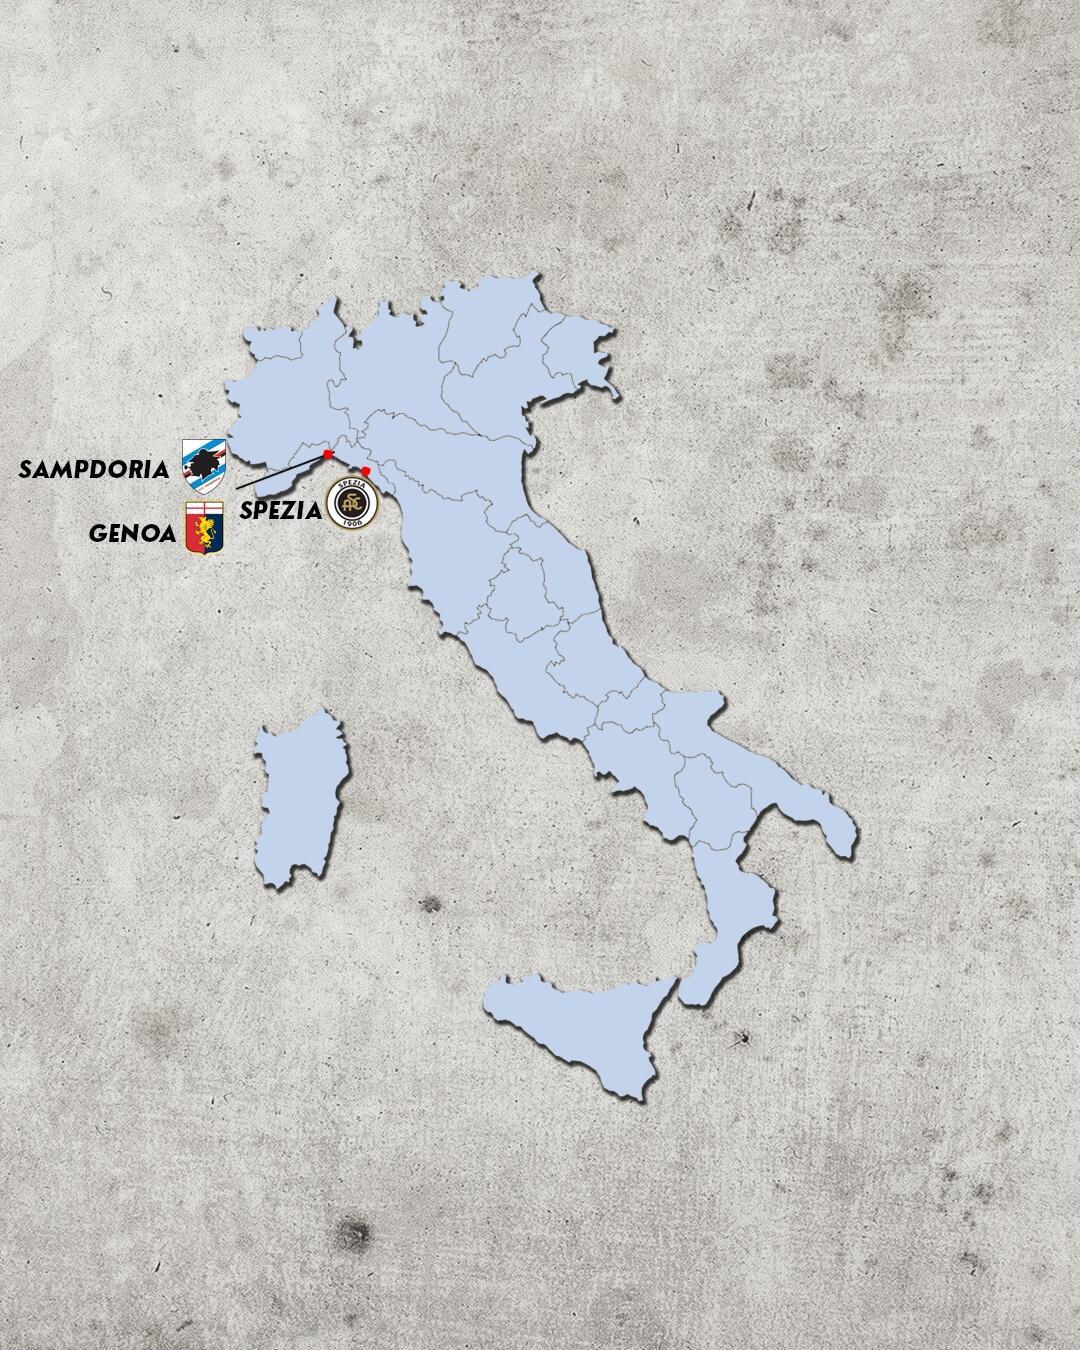 rivalidades do campeonato italiano - rivais do genoa